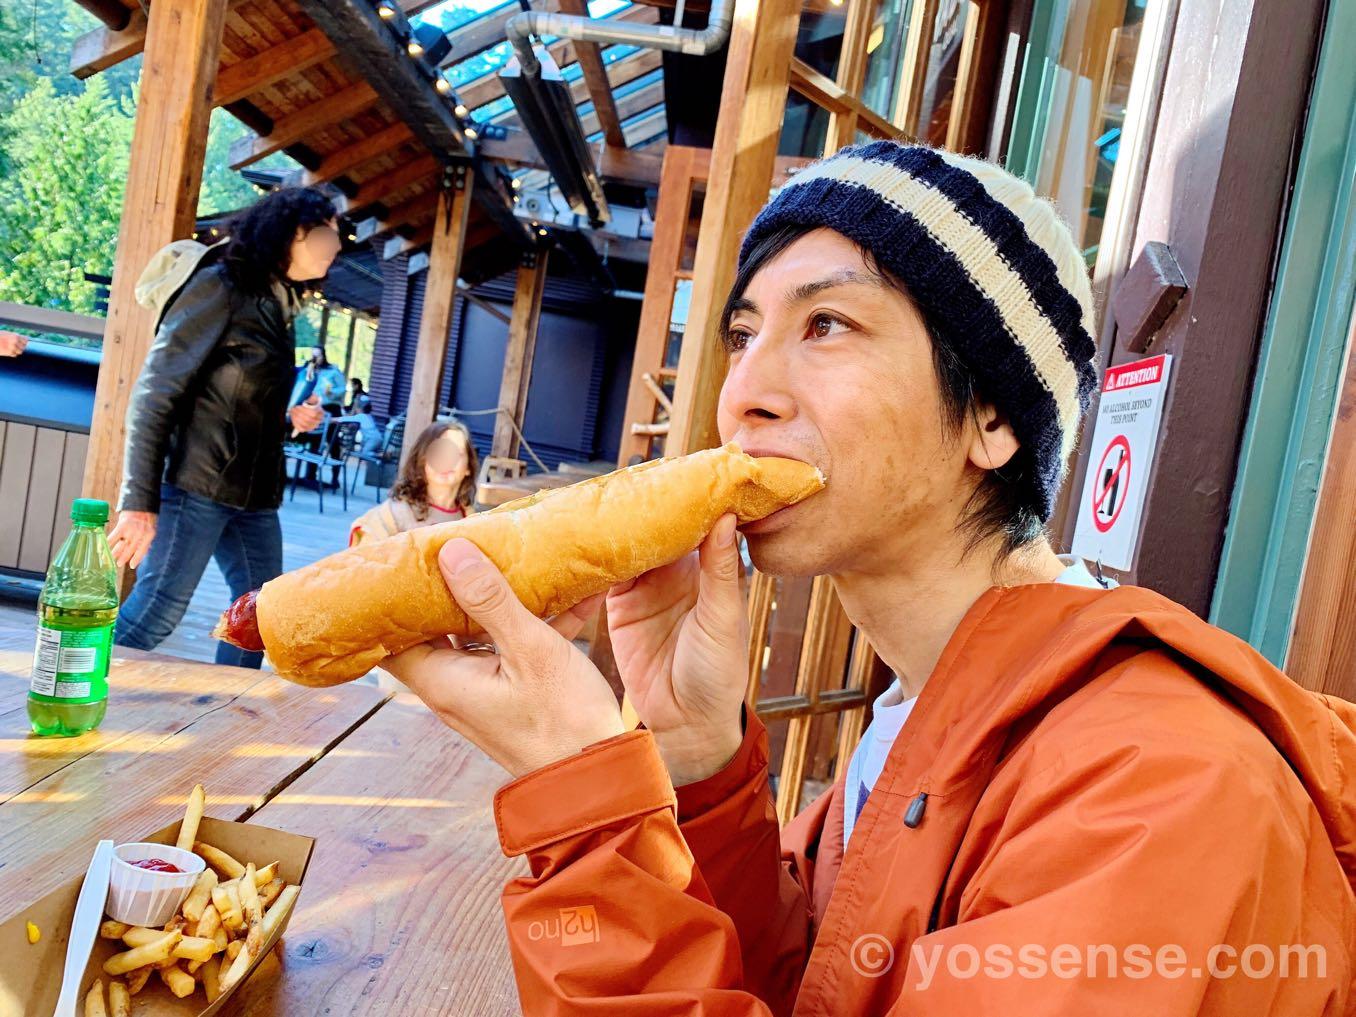 ホットドッグを食べる